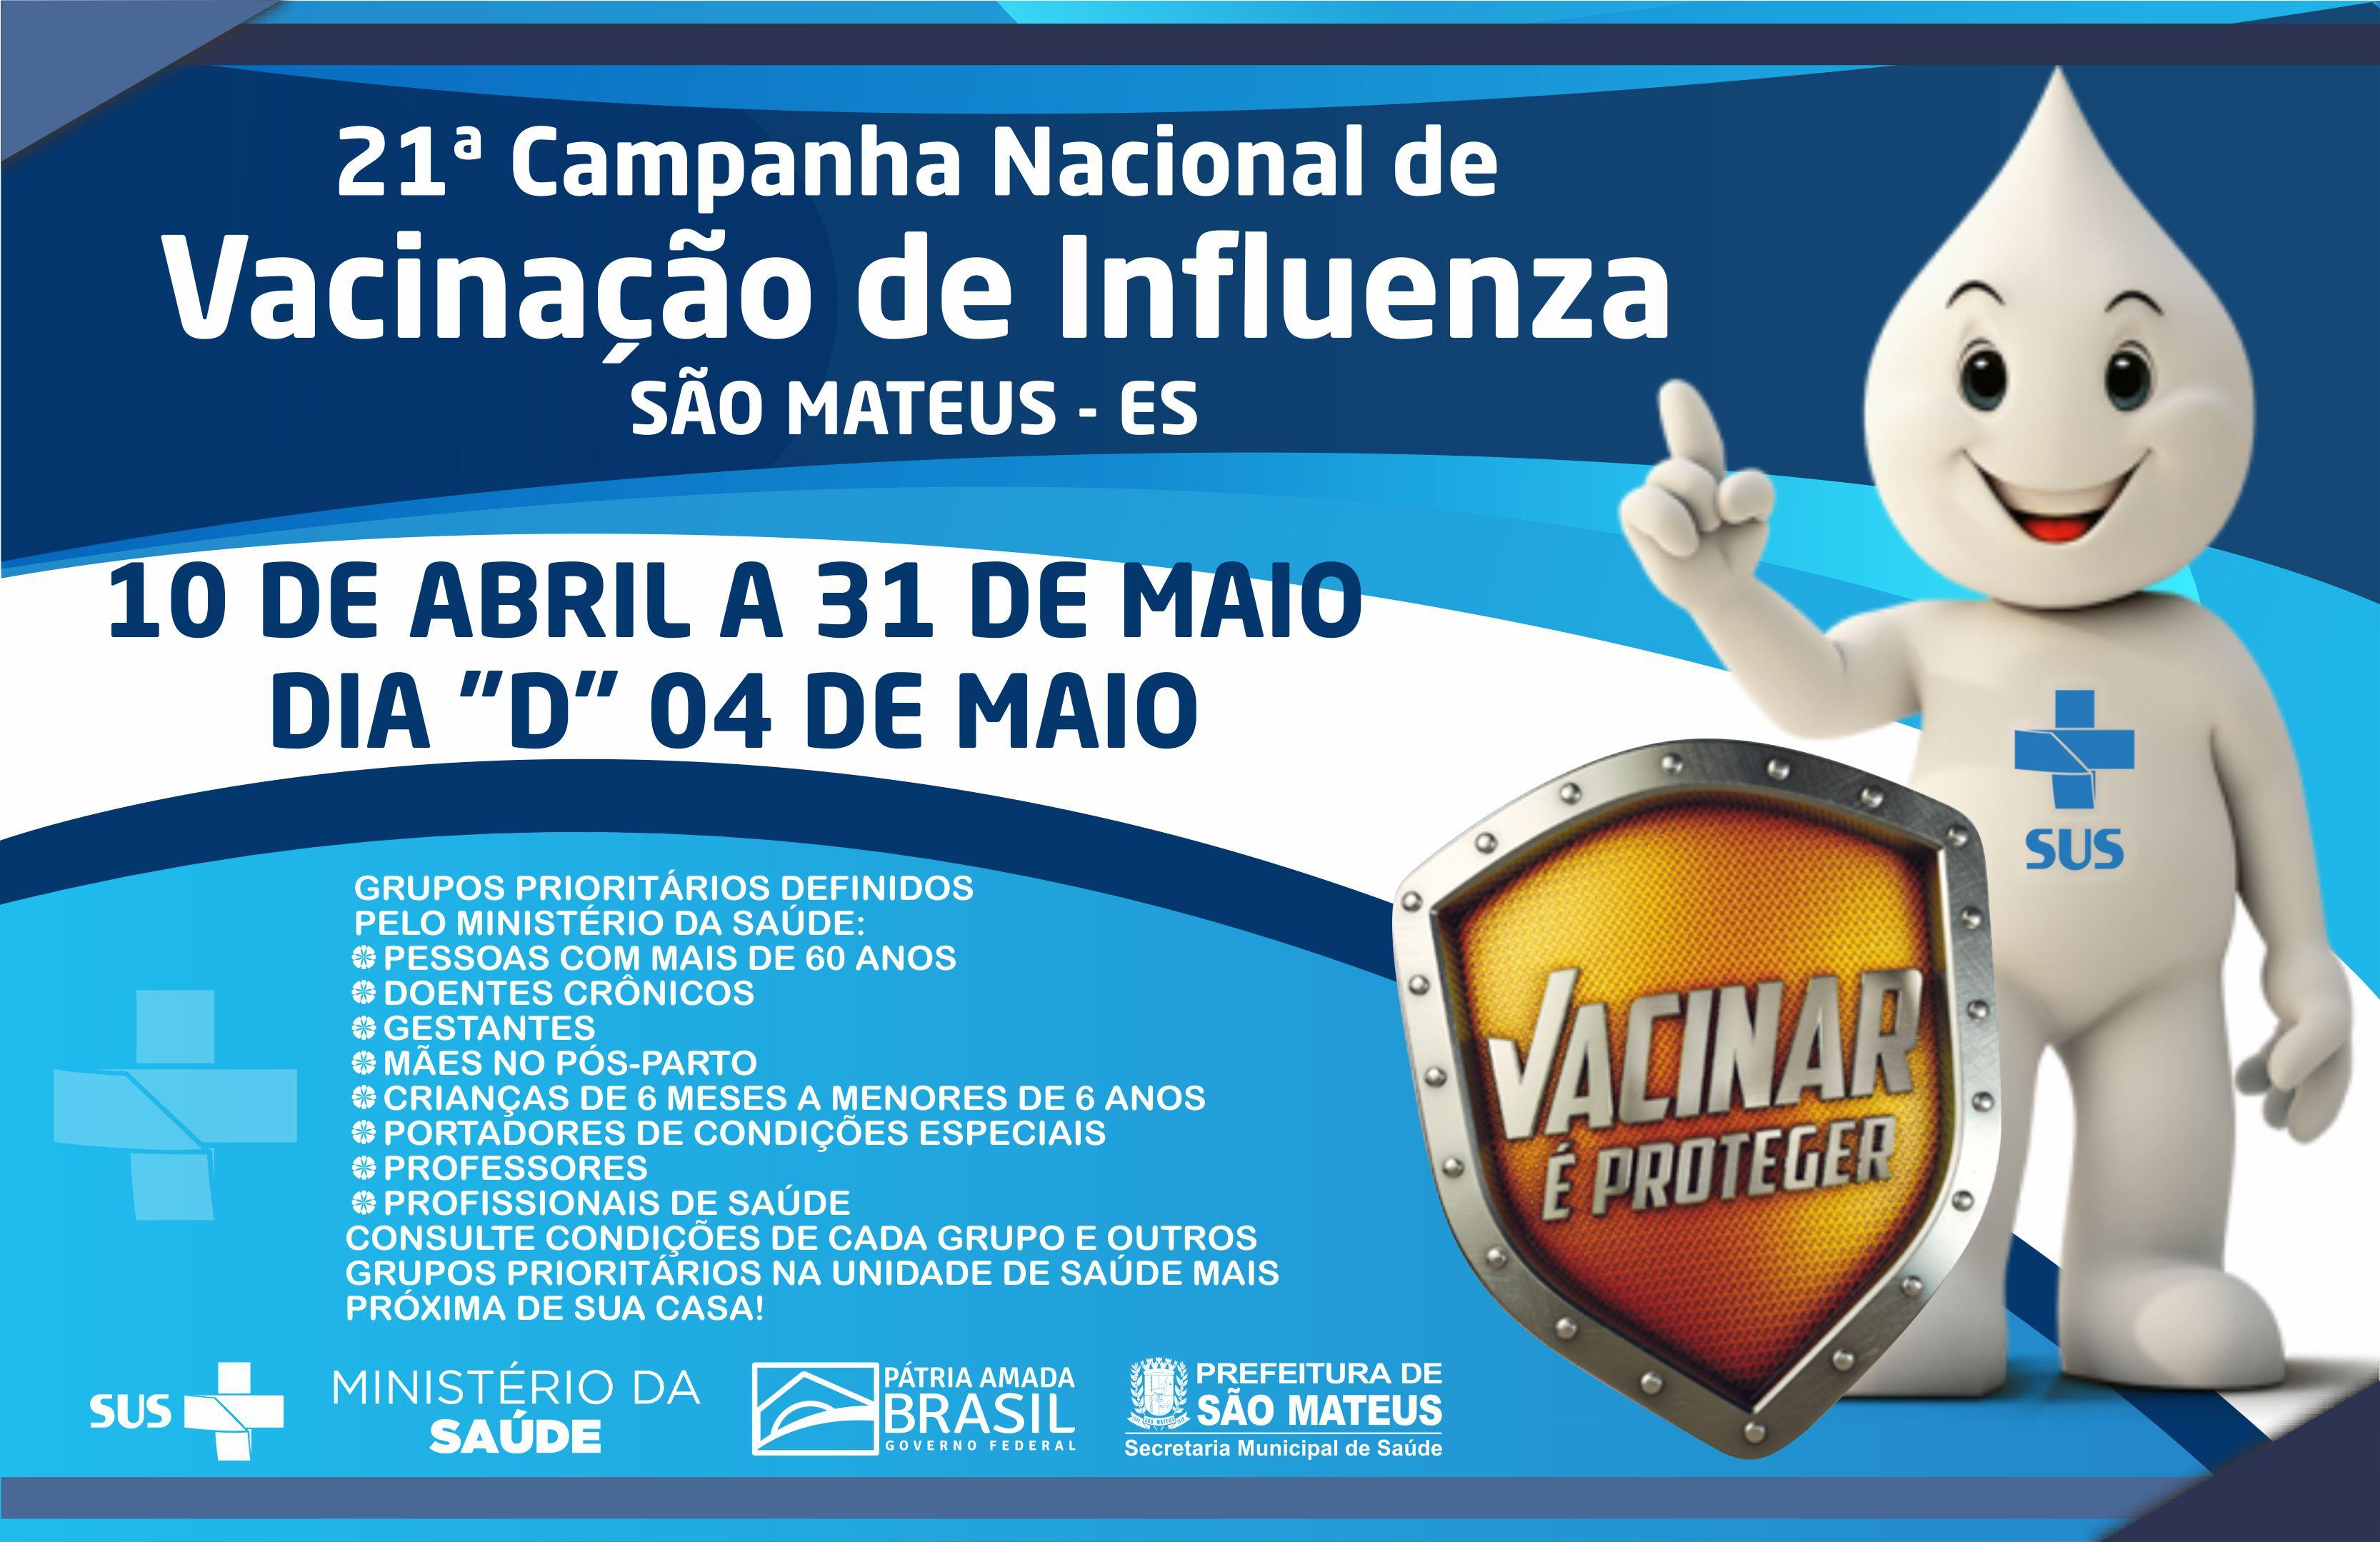 CAMPANHA NACIONAL DE VACINAÇÃO CONTRA A INFLUENZA (10 DE ABRIL A 31 DE MAIO)